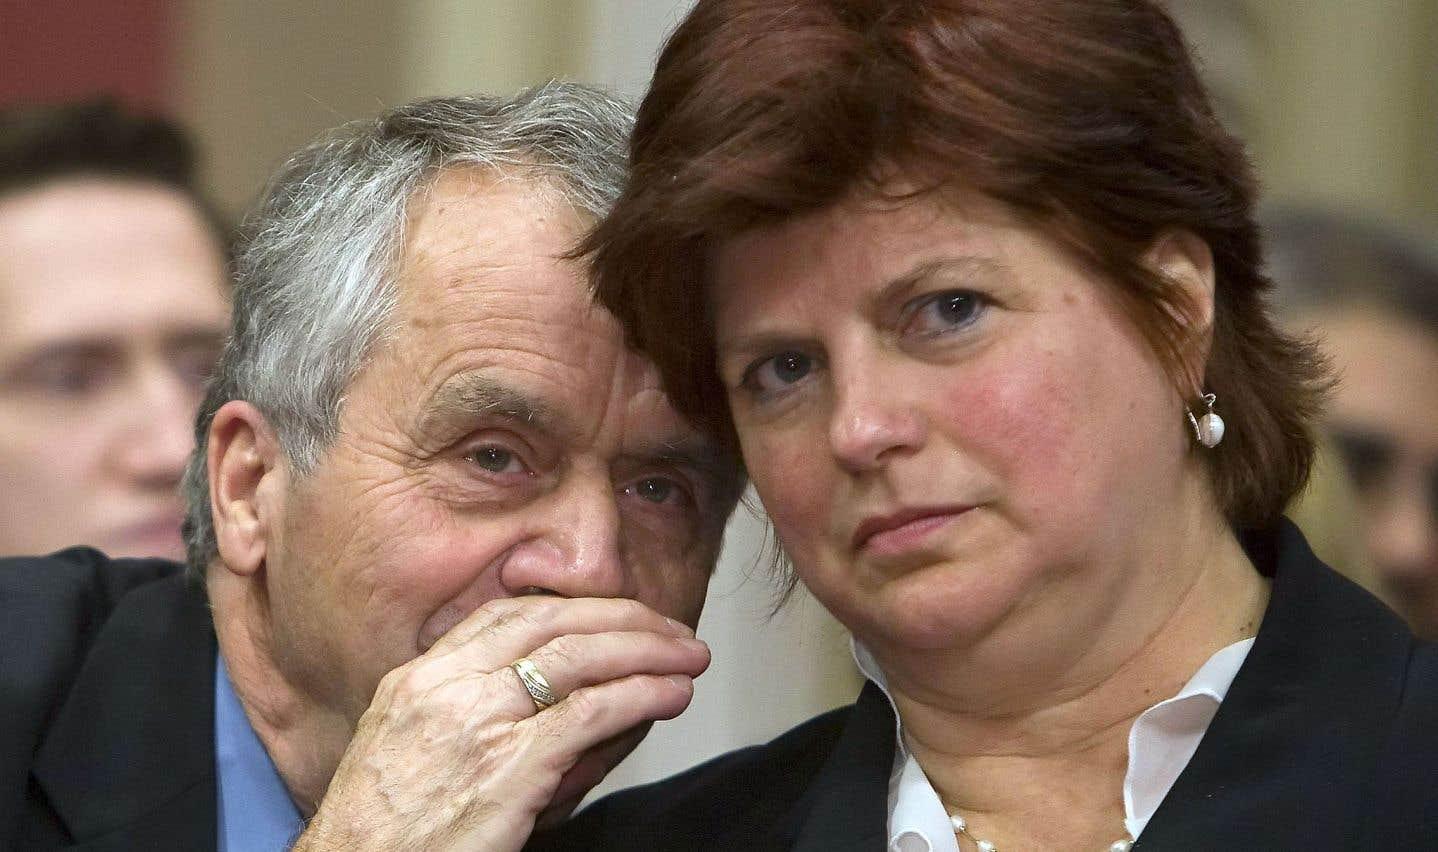 Le doyen de l'Assemblée nationale, François Gendron, ainsi que la députée Nicole Léger annonceront sous peu qu'ils prendront leur retraite de la vie politique.